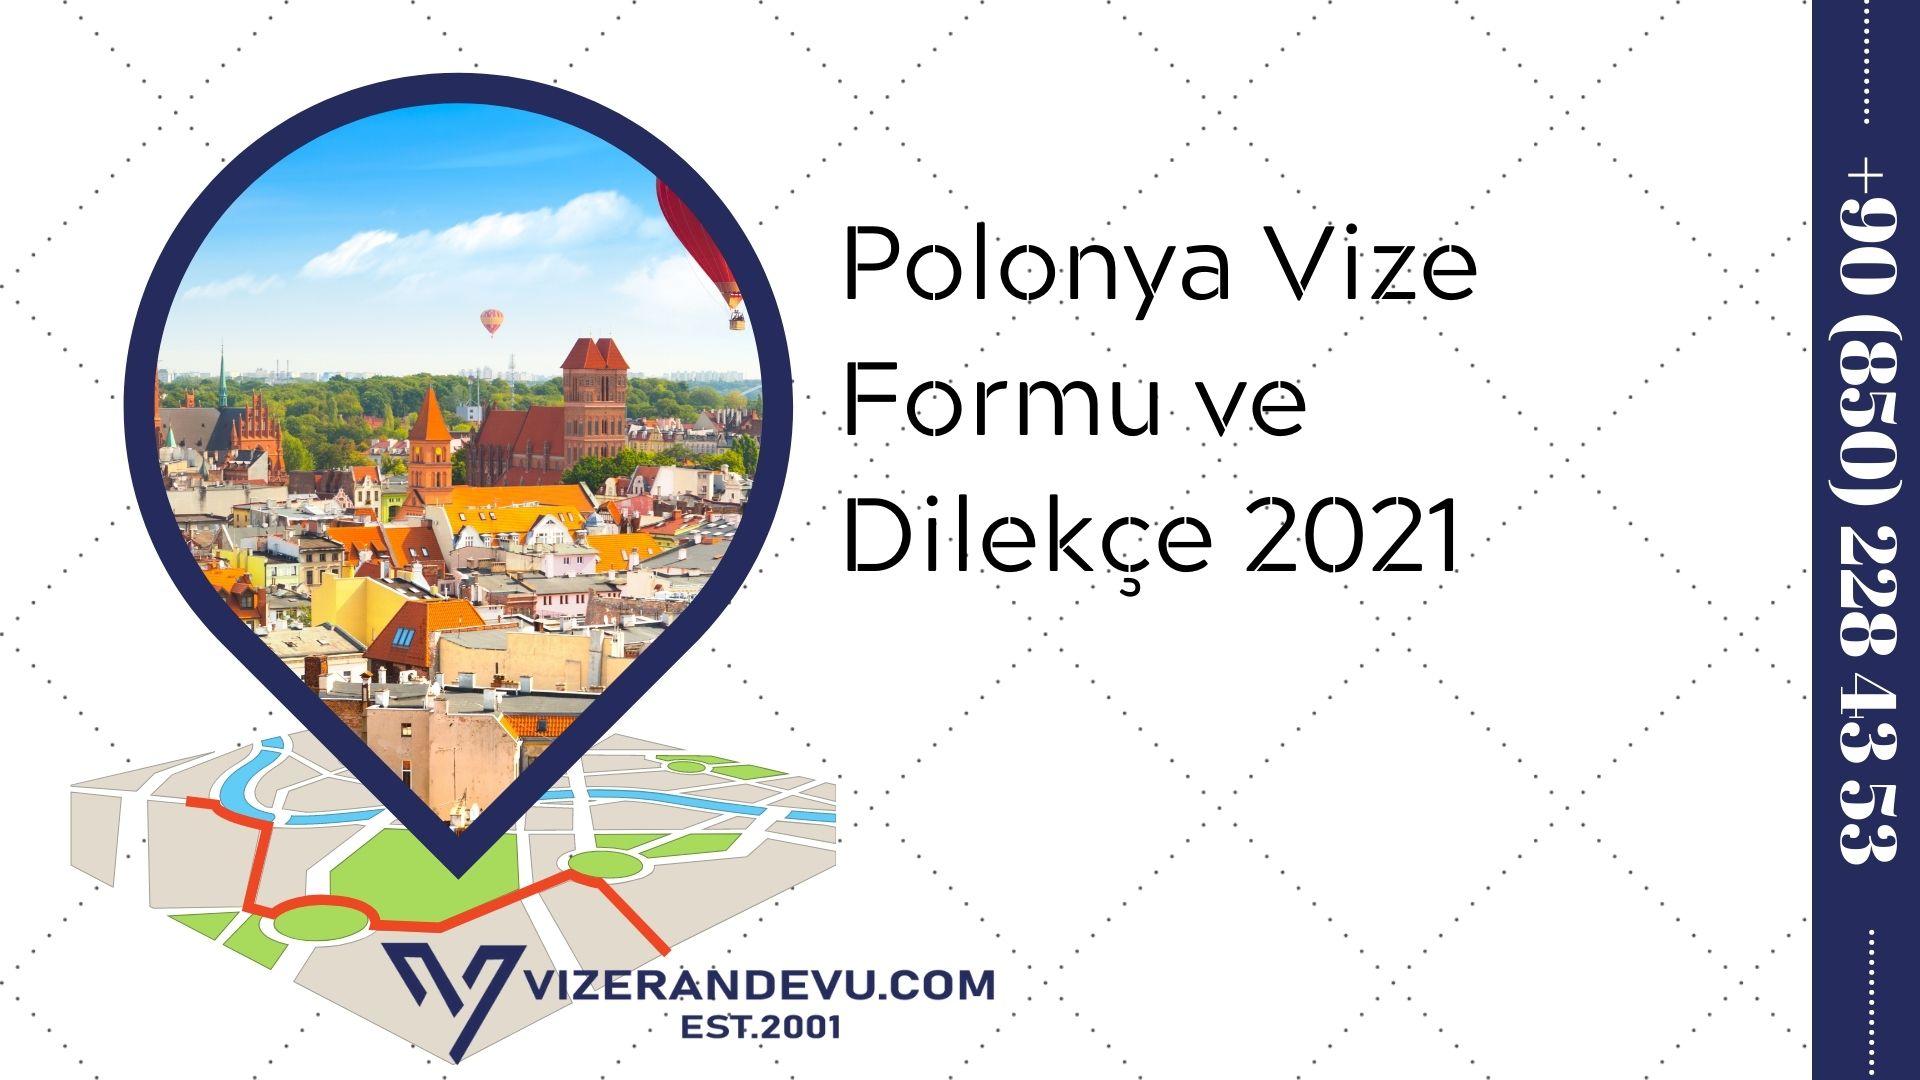 Polonya Vize Formu ve Dilekçe 2021